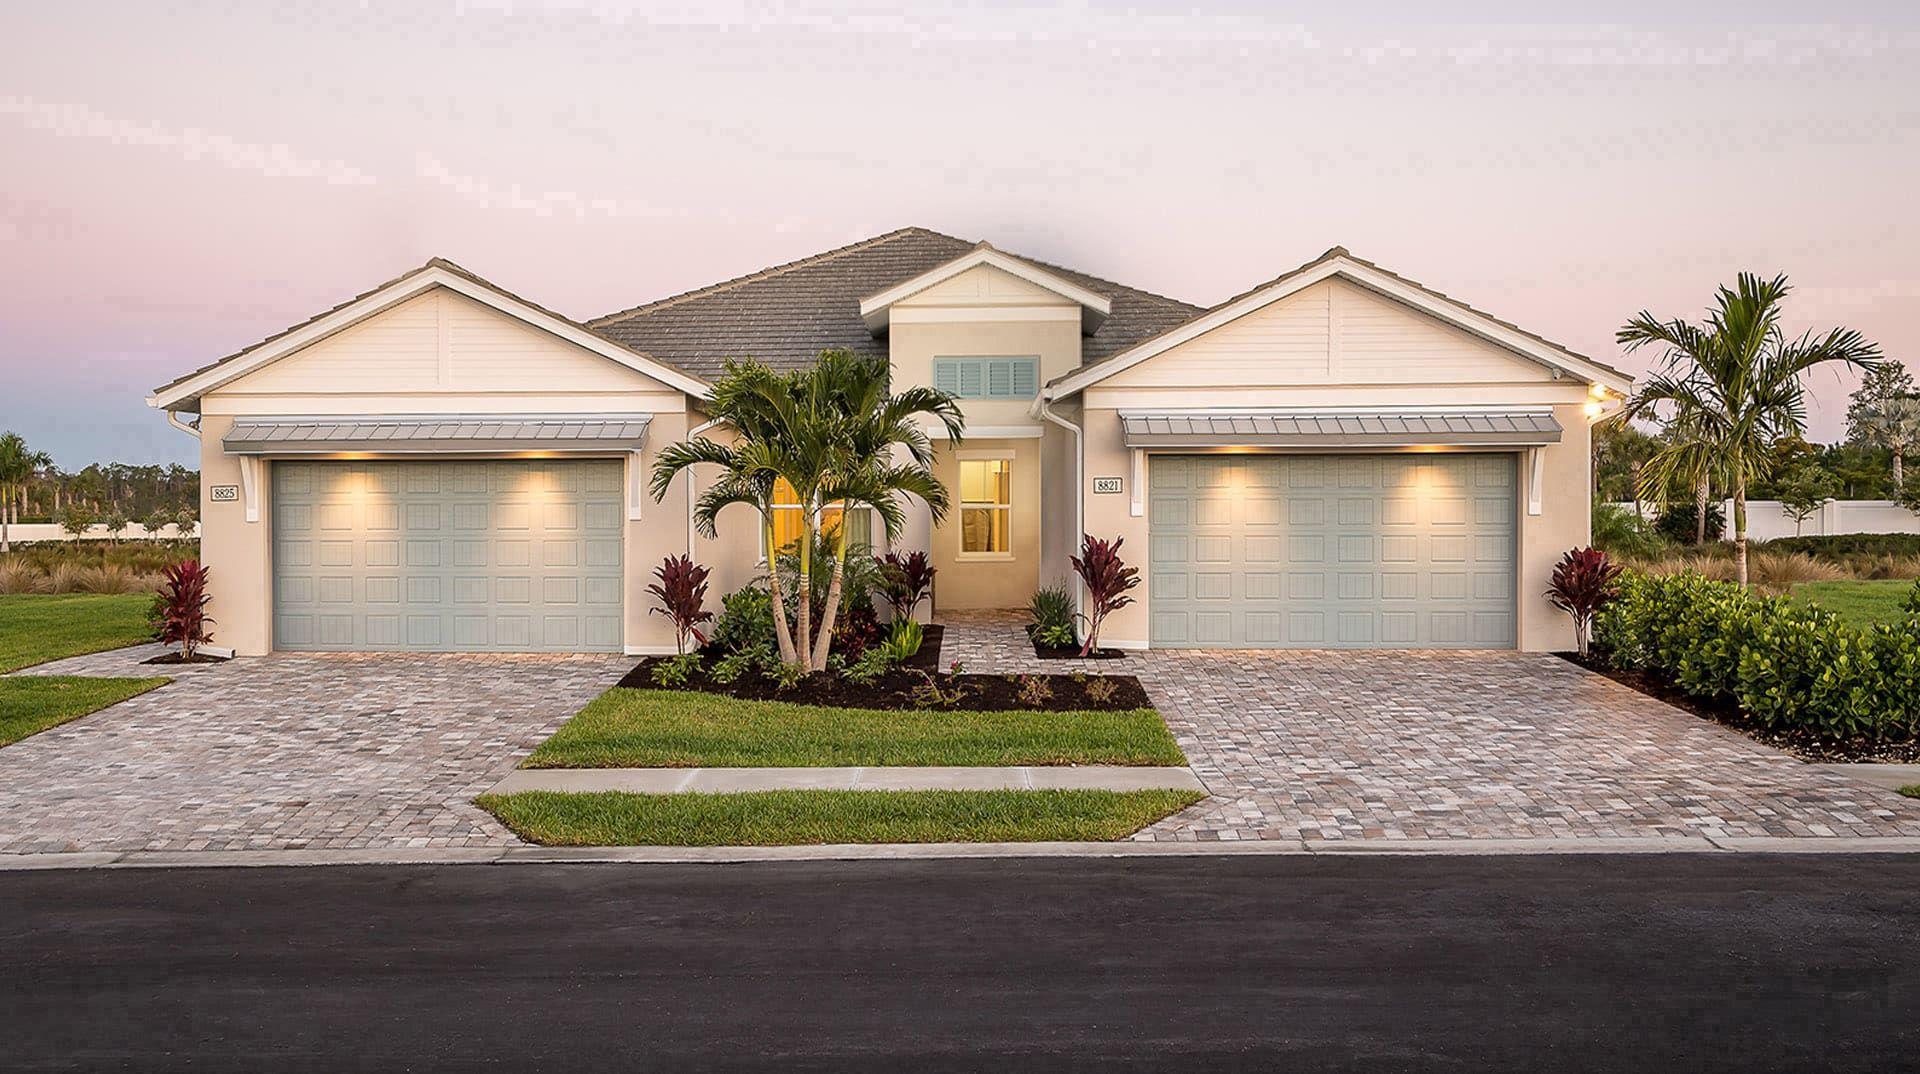 anna maria island mortgage, anna maria mortgage rates, anna maria island mortgage broker, anna maria island mortgage lender, anna maria island mortgage company